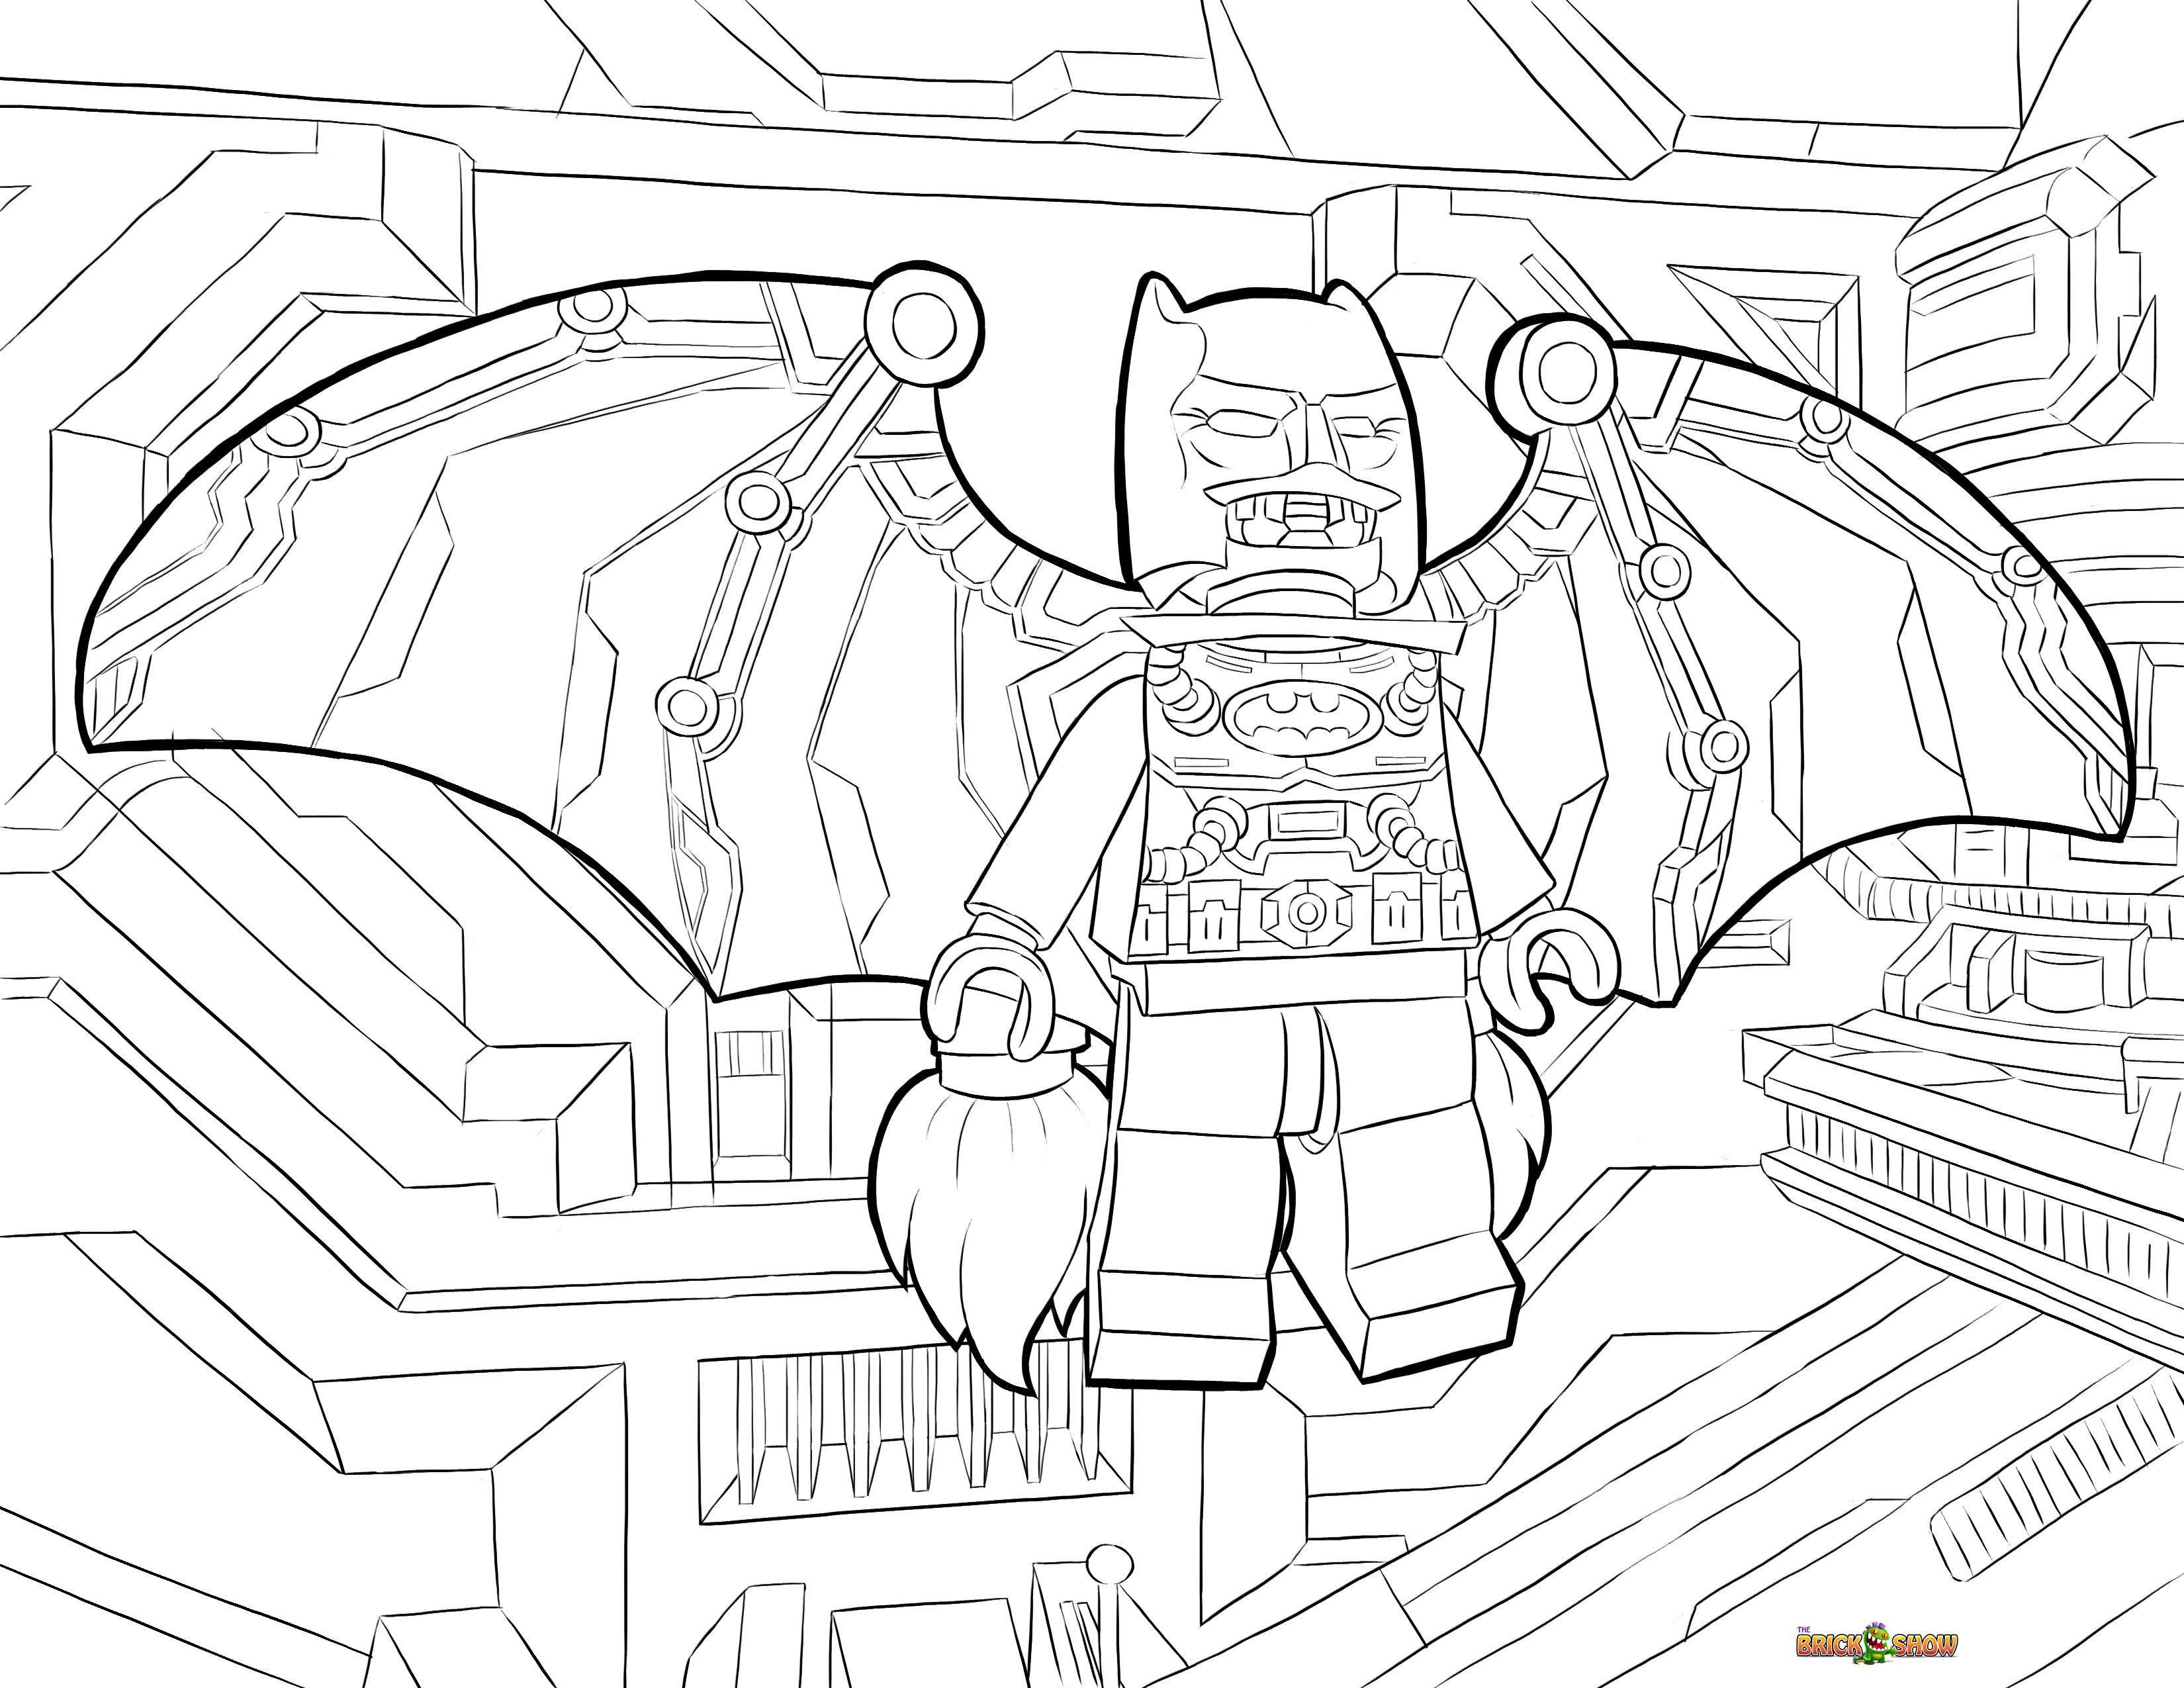 Kleurplaten Batman 3.Lego Batman 3 Coloring Pages At Getdrawings Com Free For Personal